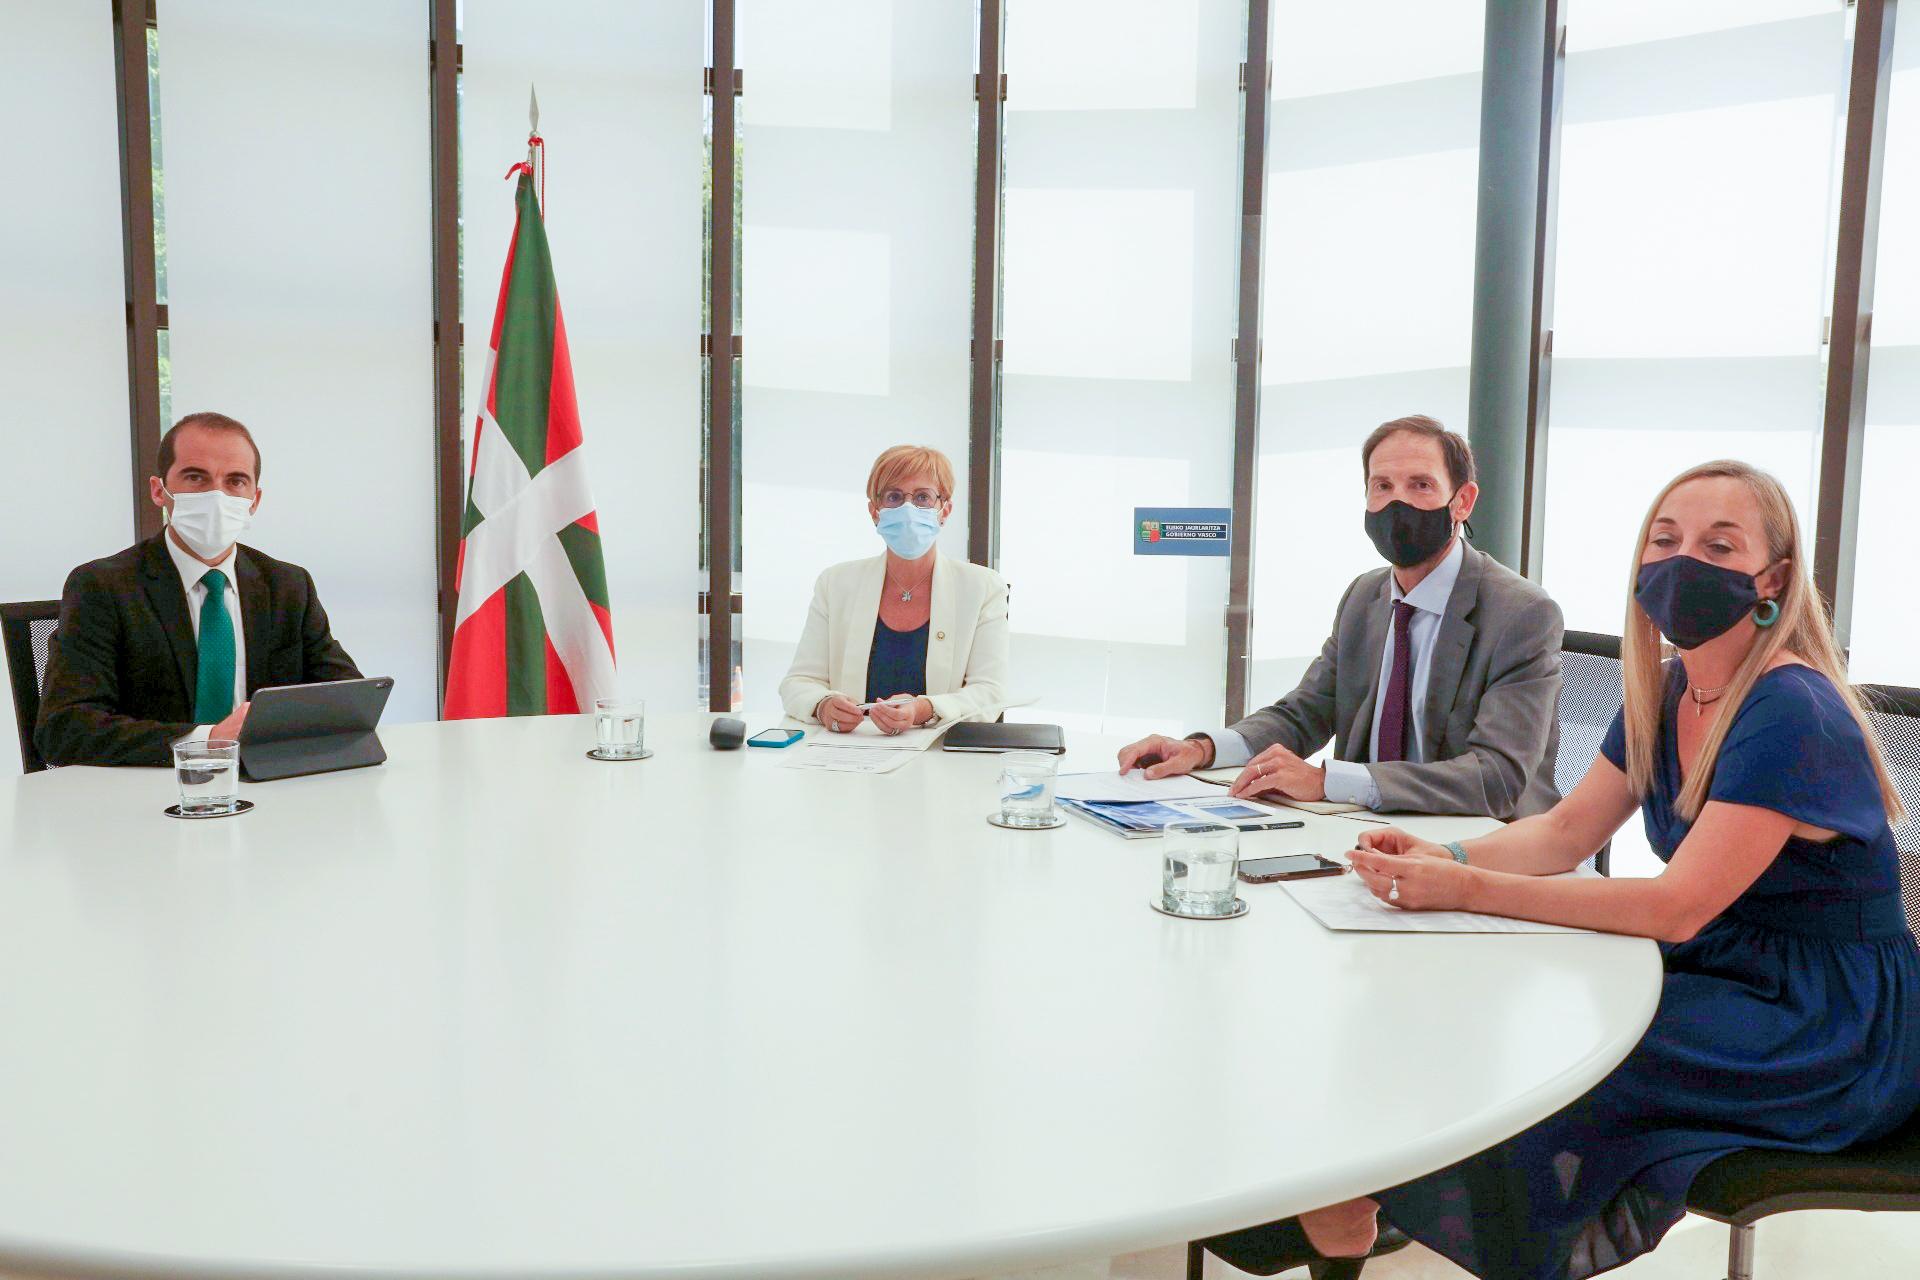 Euskadi y el estado de Virginia firman un acuerdo para el desarrollo e implantación de energías renovables [2:22]